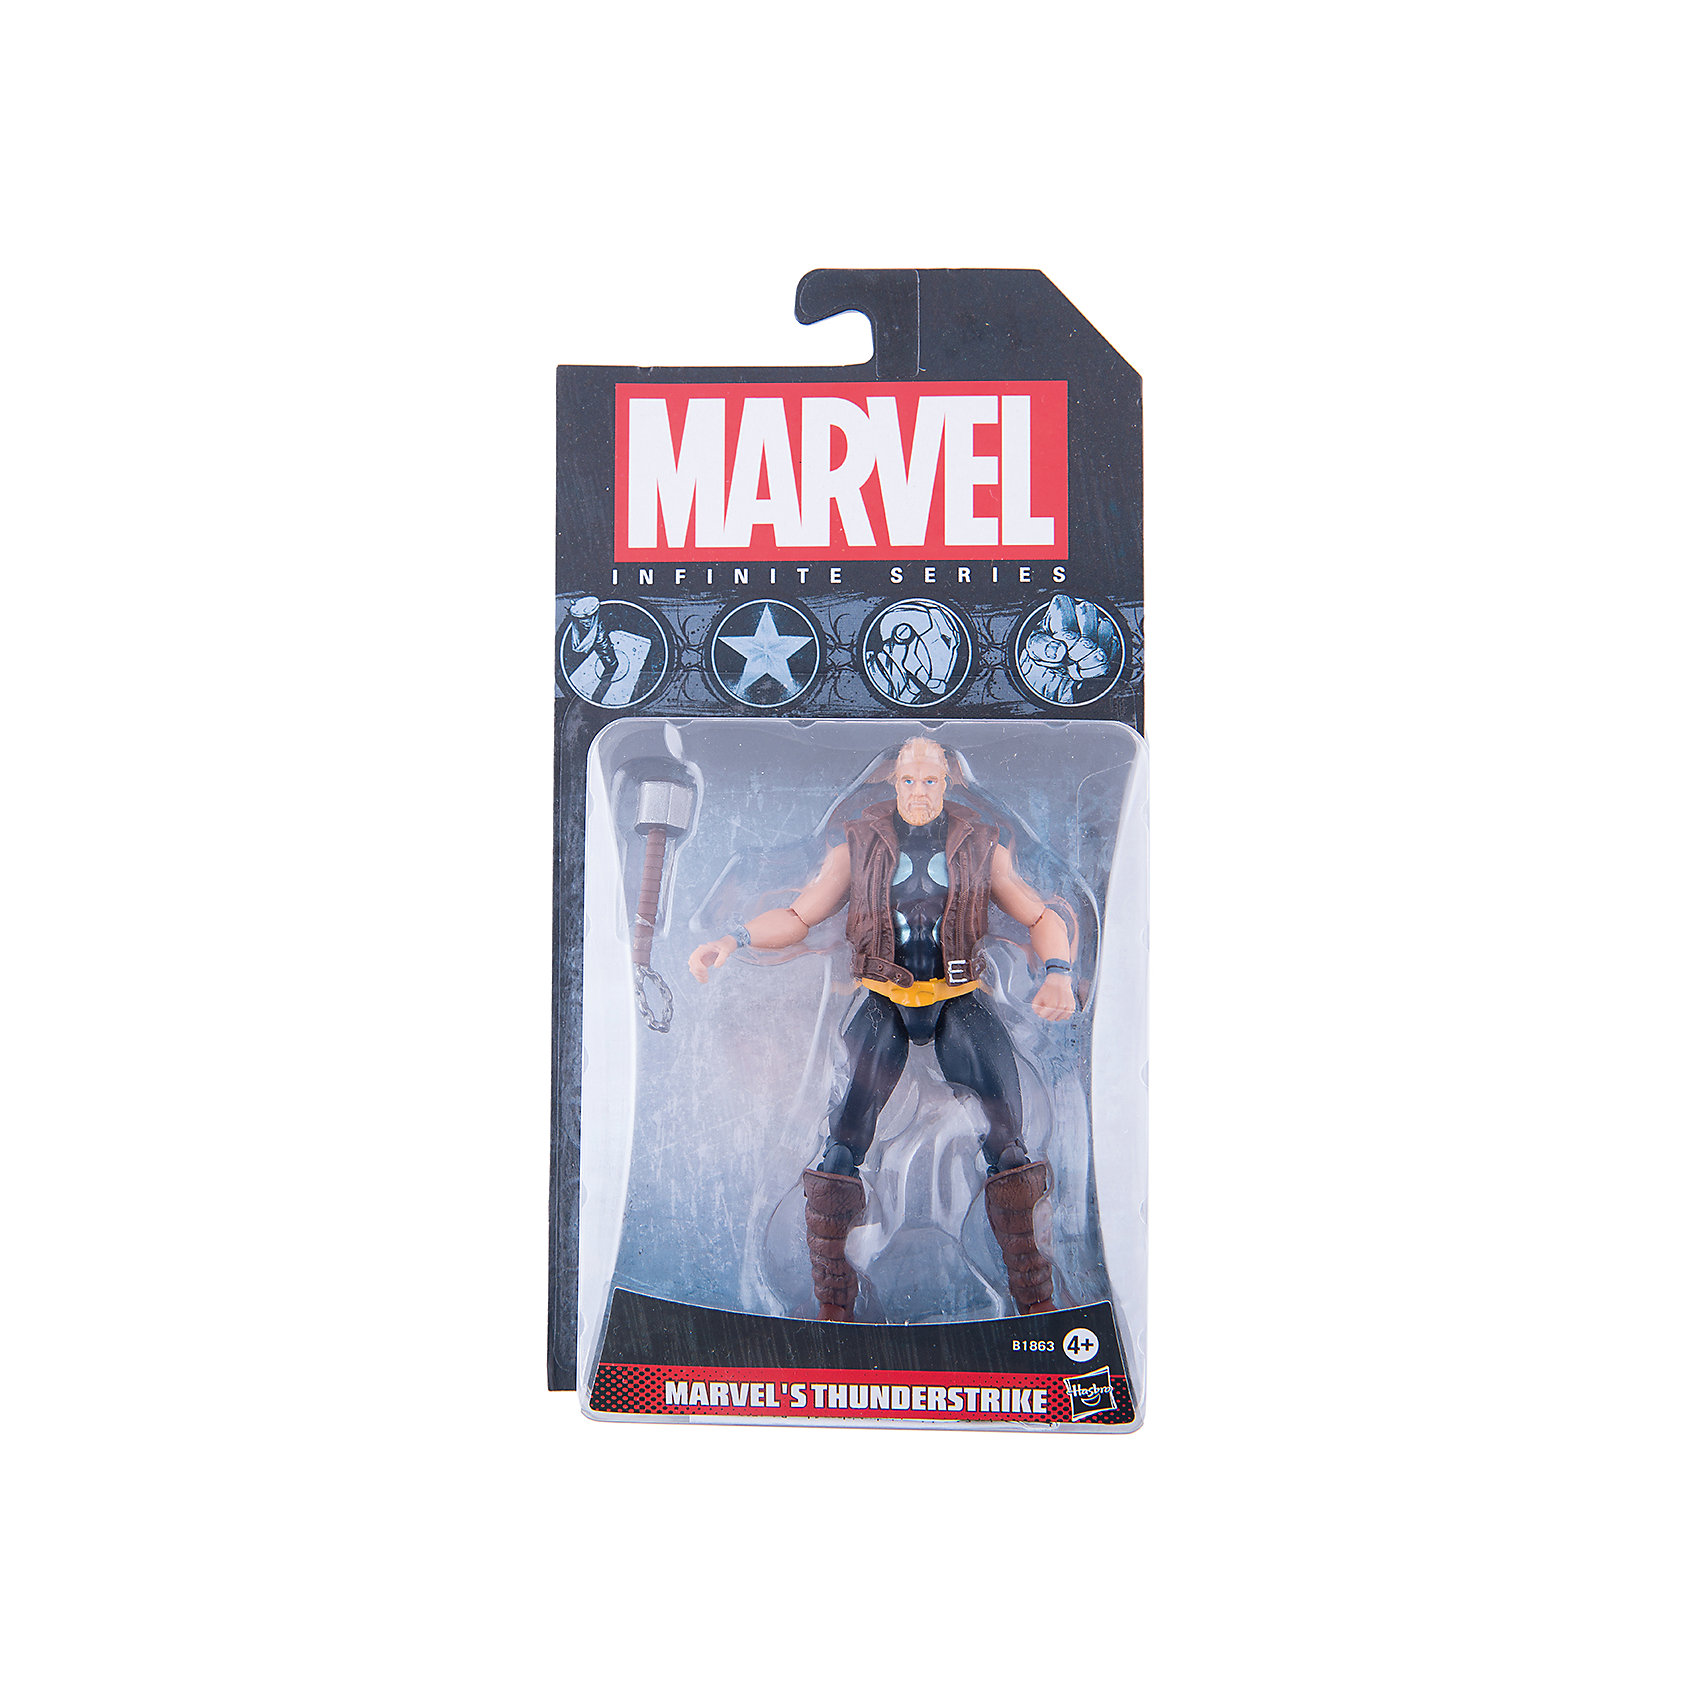 Коллекционная фигурка Марвел 9,5 см, Marvel Heroes, B1863/A6749Коллекционные и игровые фигурки<br>Эта коллекционная фигурка обязательно понравится всем поклонникам Marvel. Фигурка прекрасно детализирована, обладает подвижными конечностями и щупальцами, что позволяет ей принимать разнообразные позы, открывая еще большие возможности для различных игровых сюжетов. Игрушка изготовлена из высококачественного пластика, с применением безопасных, экологичных красителей. <br><br>Дополнительная информация:<br><br>- Материал: пластик.<br>- Размер фигурки: 9,5 см.<br>- Подвижные конечности.<br><br>Коллекционную фигурку Марвел 9,5 см, Marvel Heroes, можно купить в нашем магазине.<br><br>Ширина мм: 51<br>Глубина мм: 121<br>Высота мм: 229<br>Вес г: 150<br>Возраст от месяцев: 48<br>Возраст до месяцев: 192<br>Пол: Мужской<br>Возраст: Детский<br>SKU: 4563956